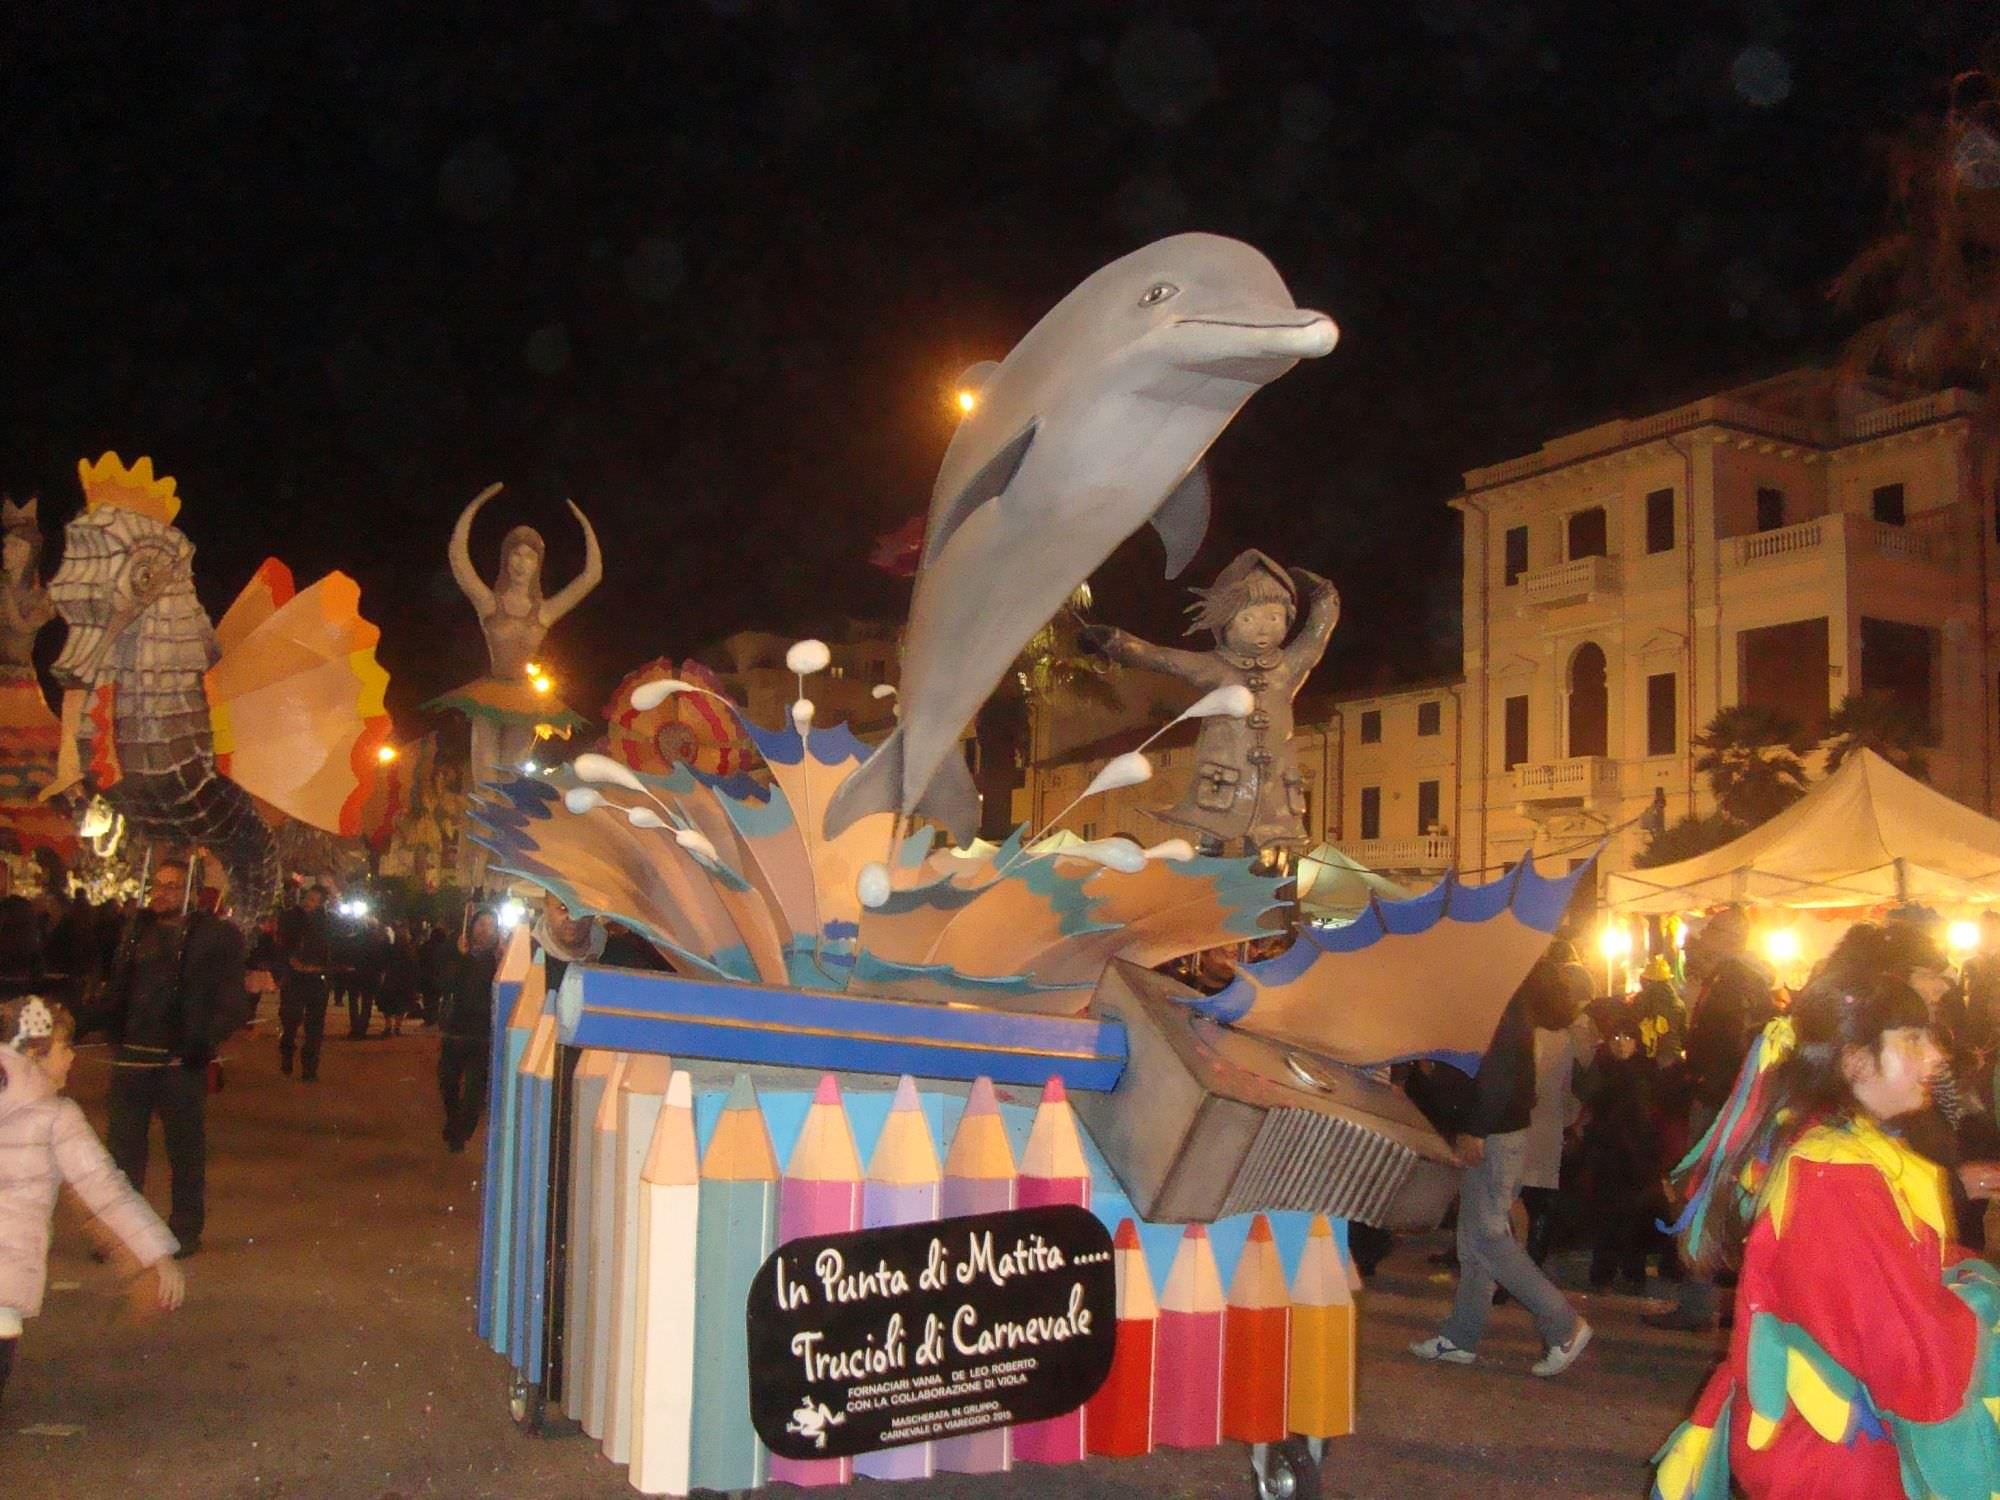 Carnevale 2016, nominata la commissione bozzetti: c'è anche un ex sindaco